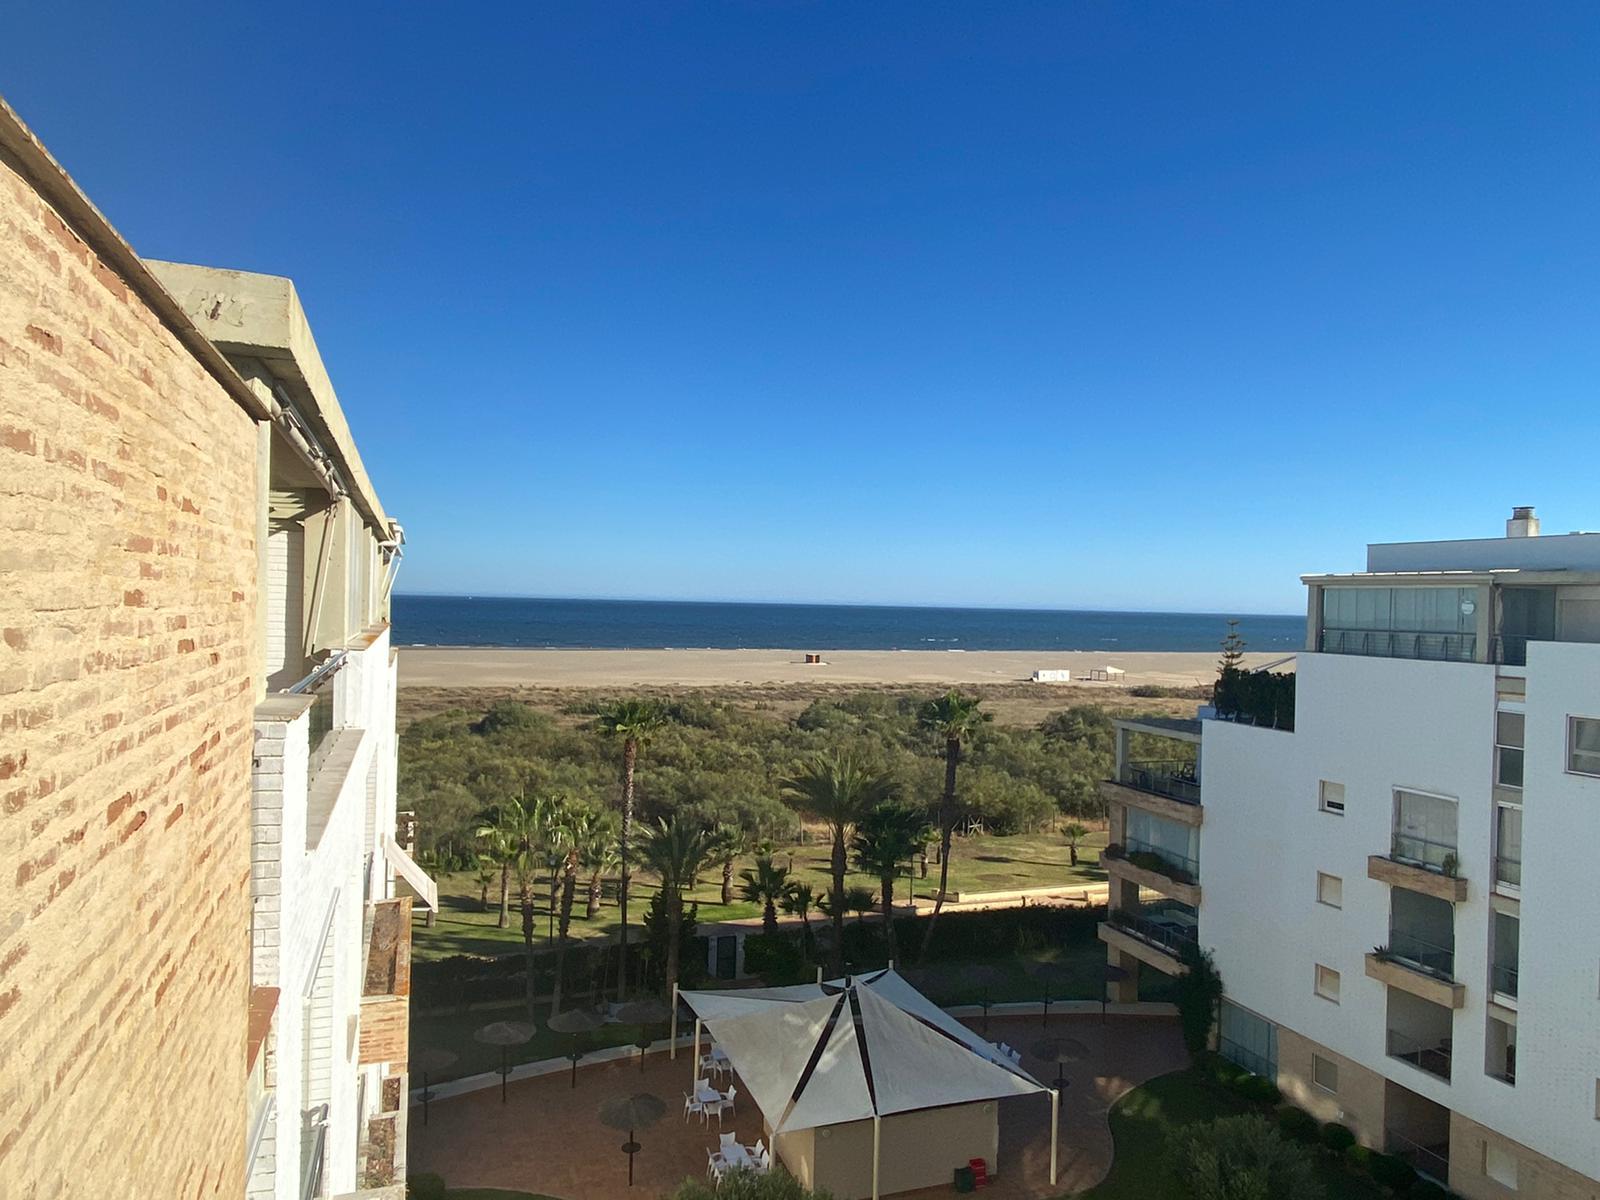 Imagen 50 del Apartamento Turístico, Ático 1 Levante (3d+2b), Punta del Moral (HUELVA), Paseo de la Cruz nº22